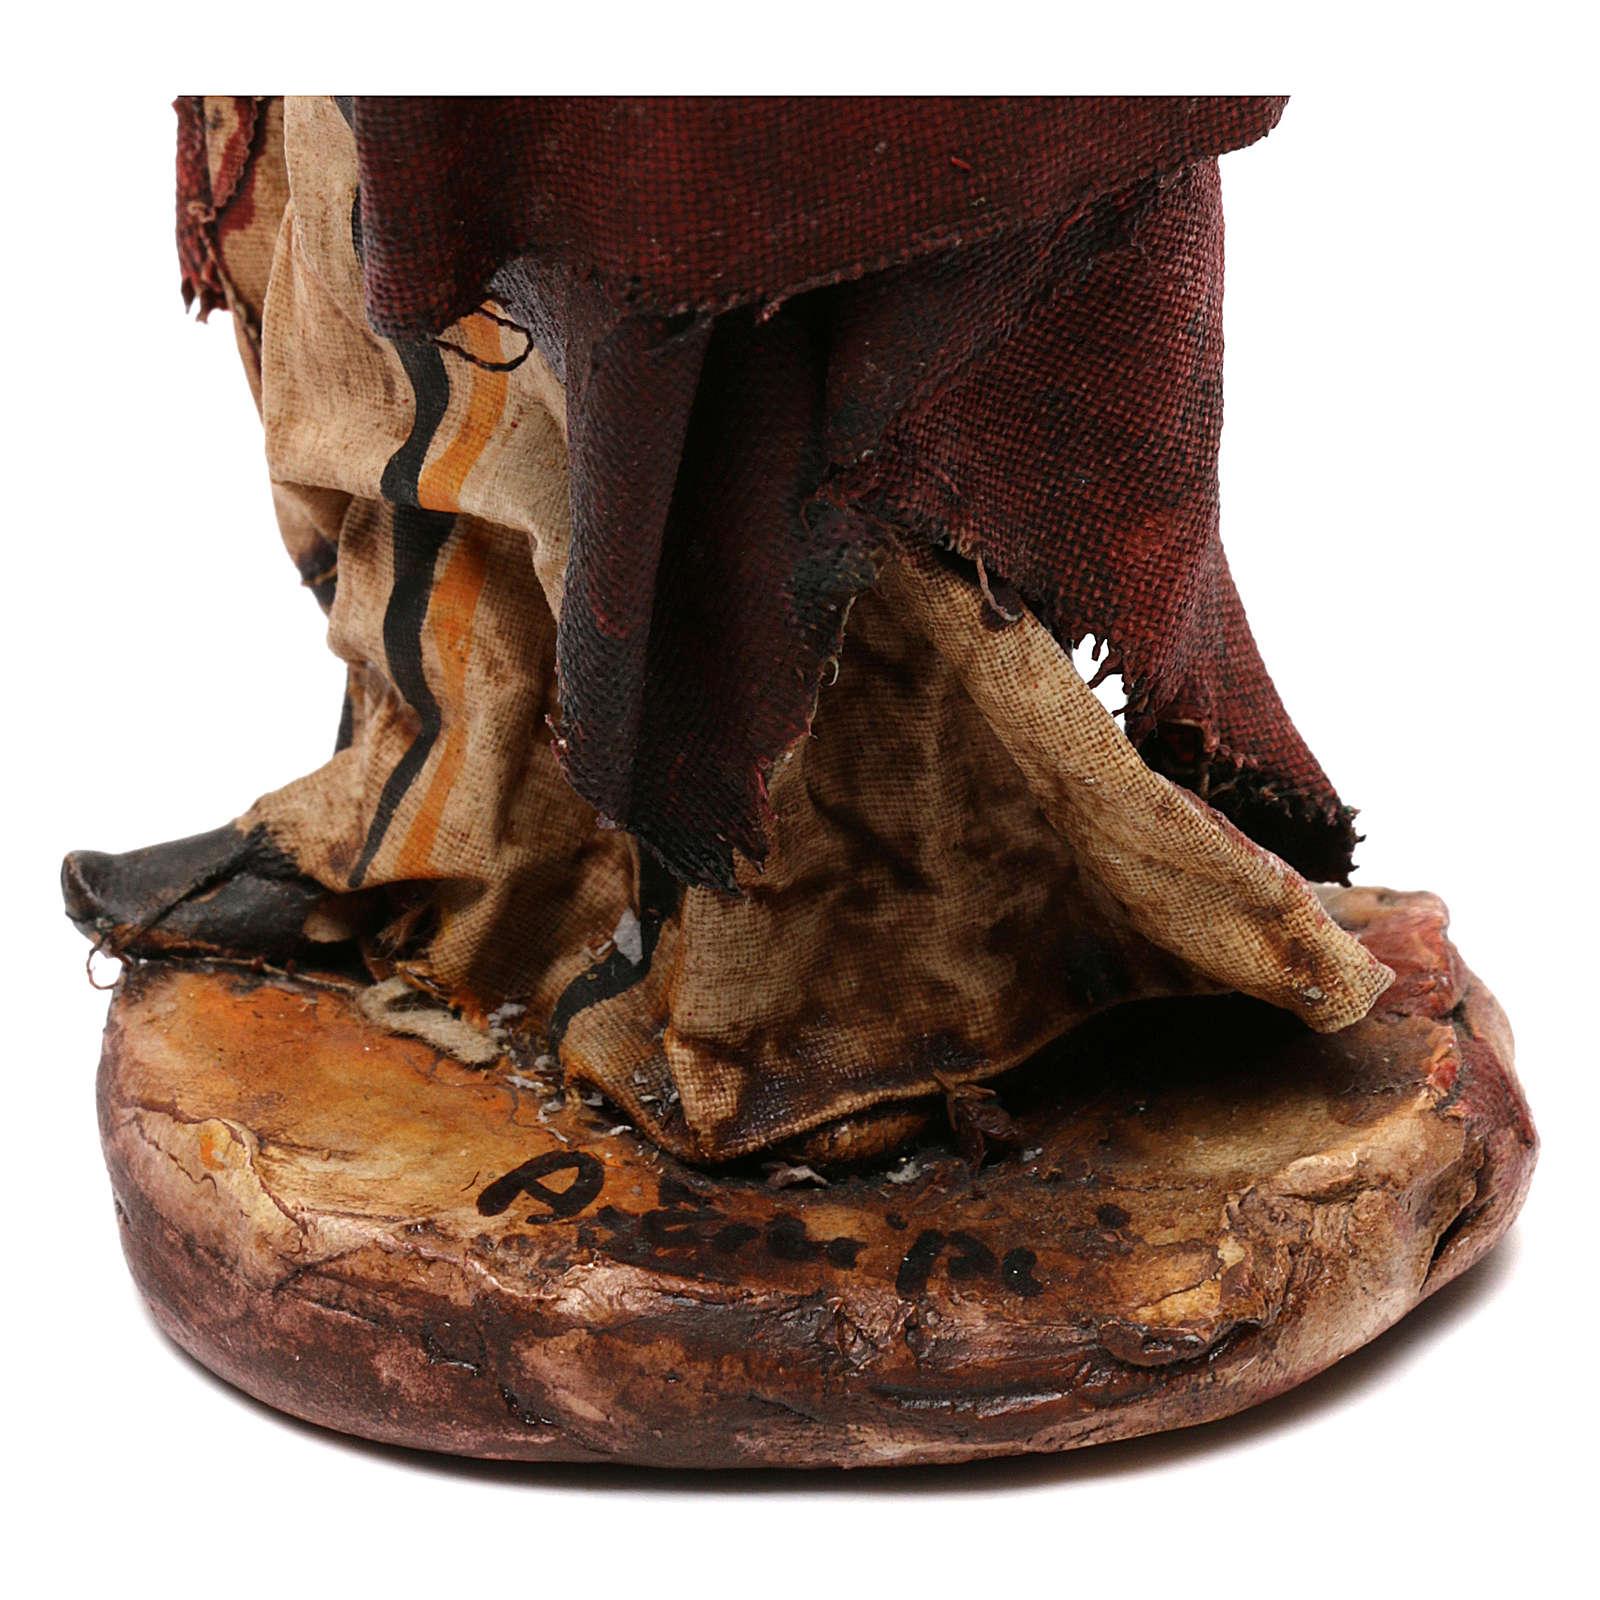 Pastore con legna 18 cm presepe Angela Tripi 4